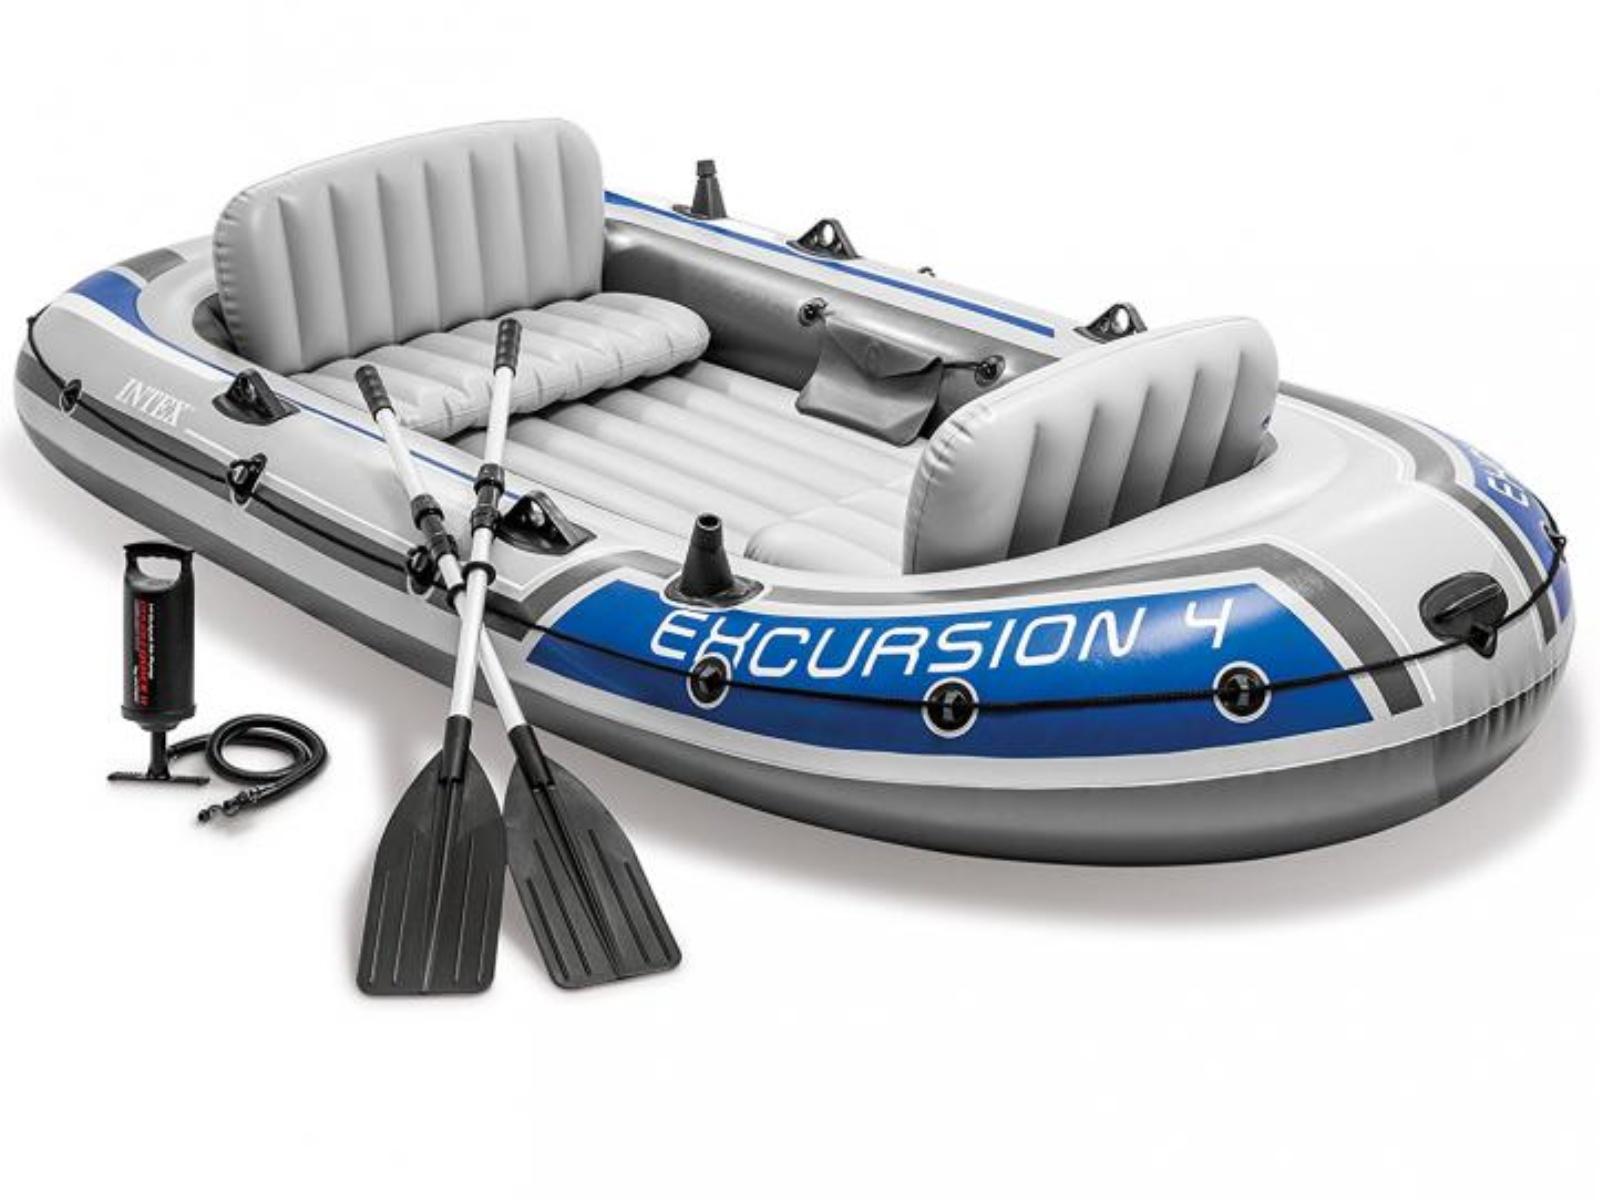 Nafukovací čln INTEX Excursion 4 Set